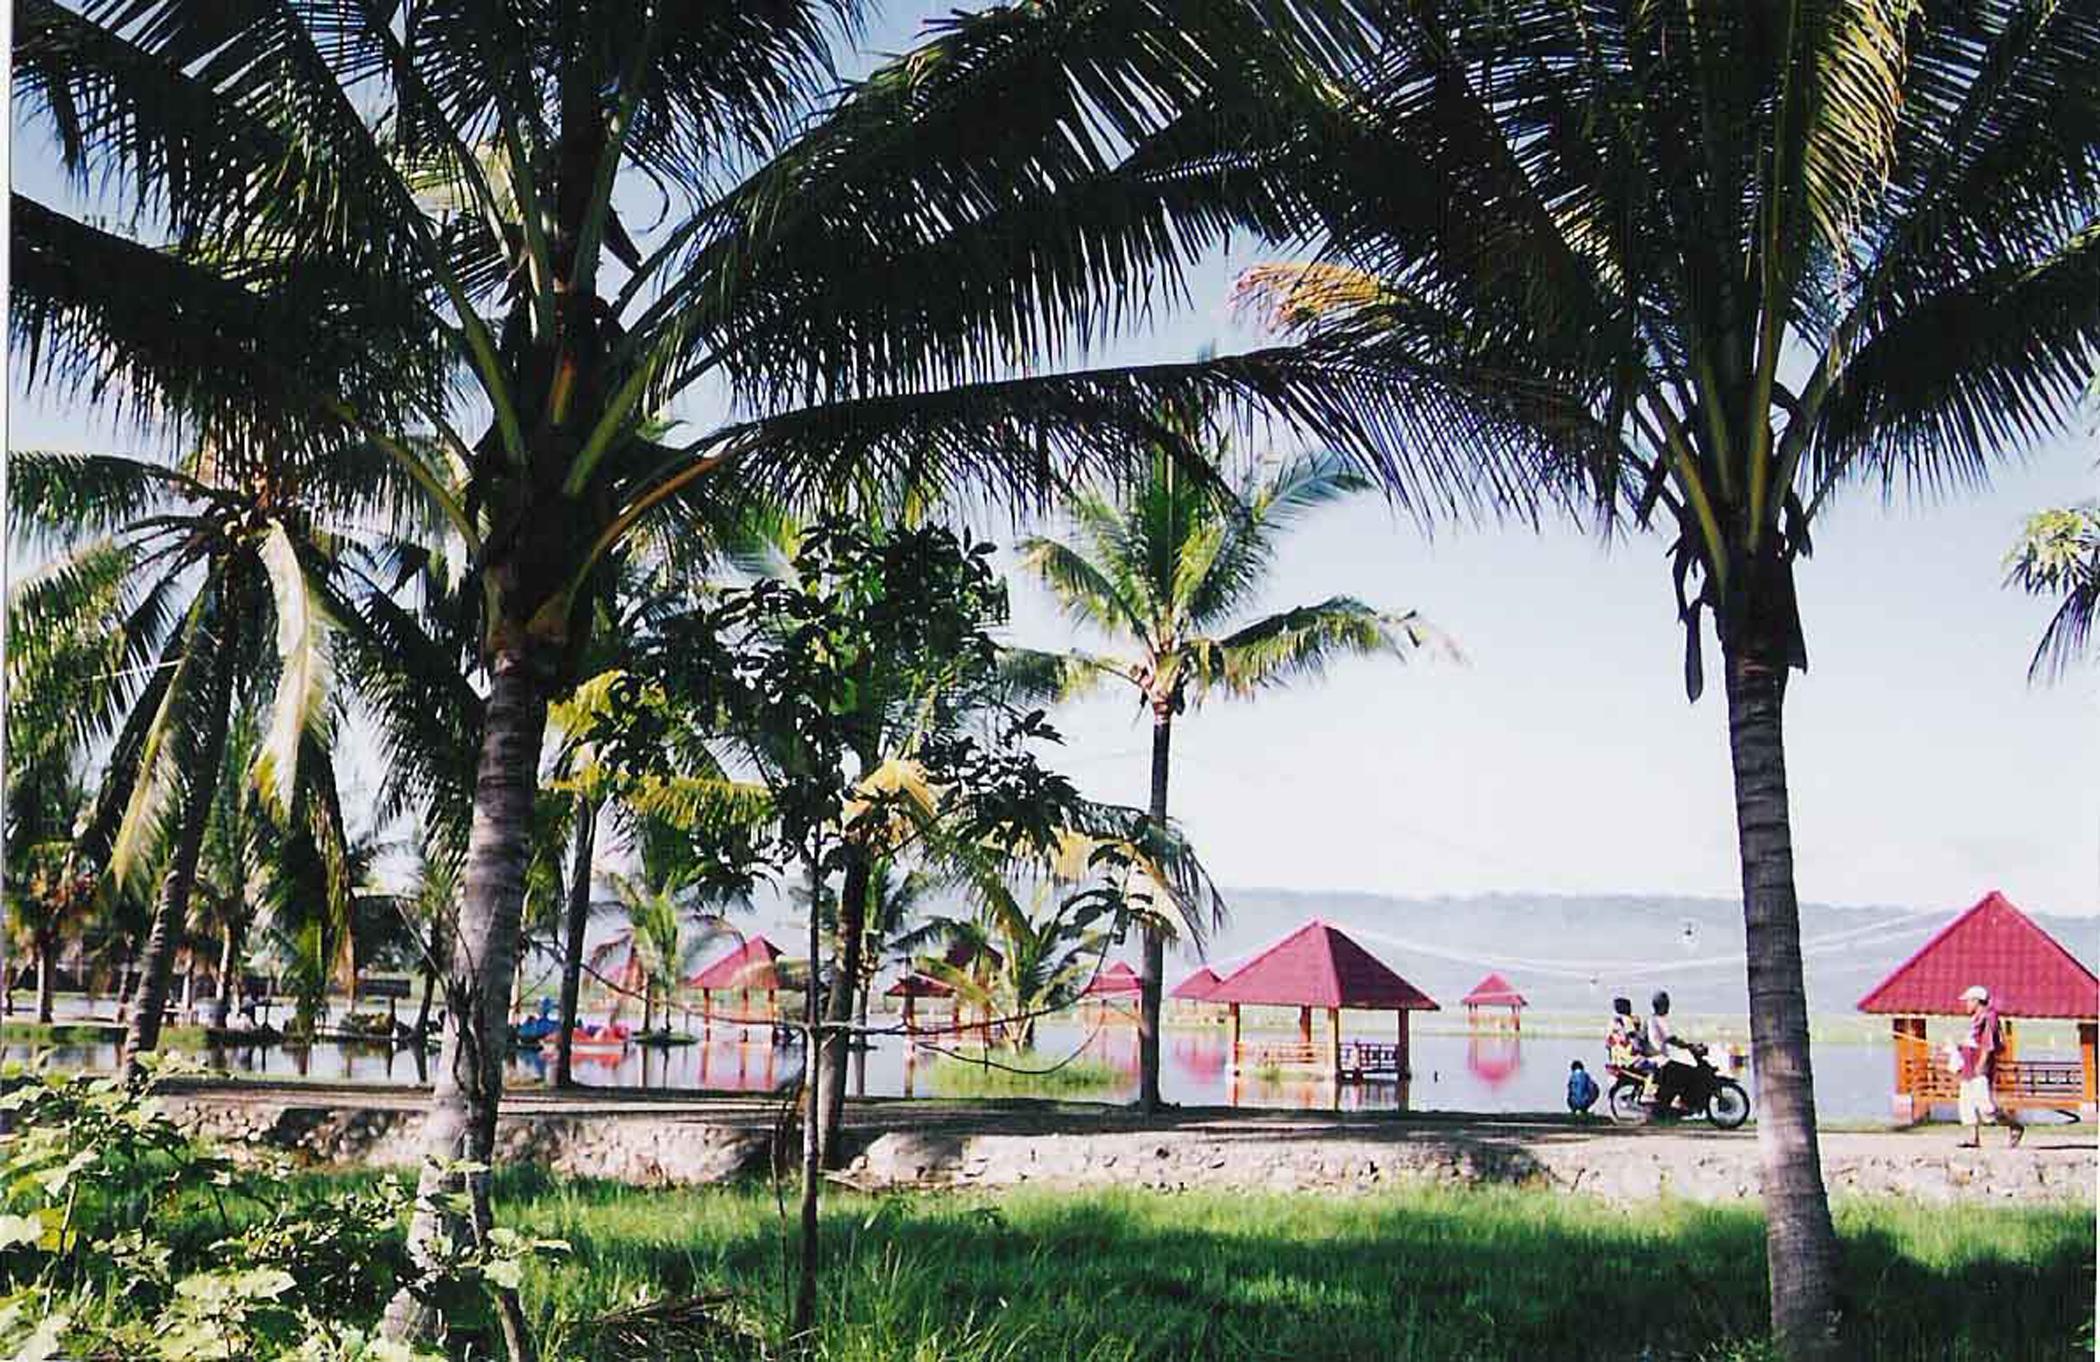 Pentadio Resort Dinas Pariwisata Kebudayaan Komunikasi Salah Satu Obyek Wisata